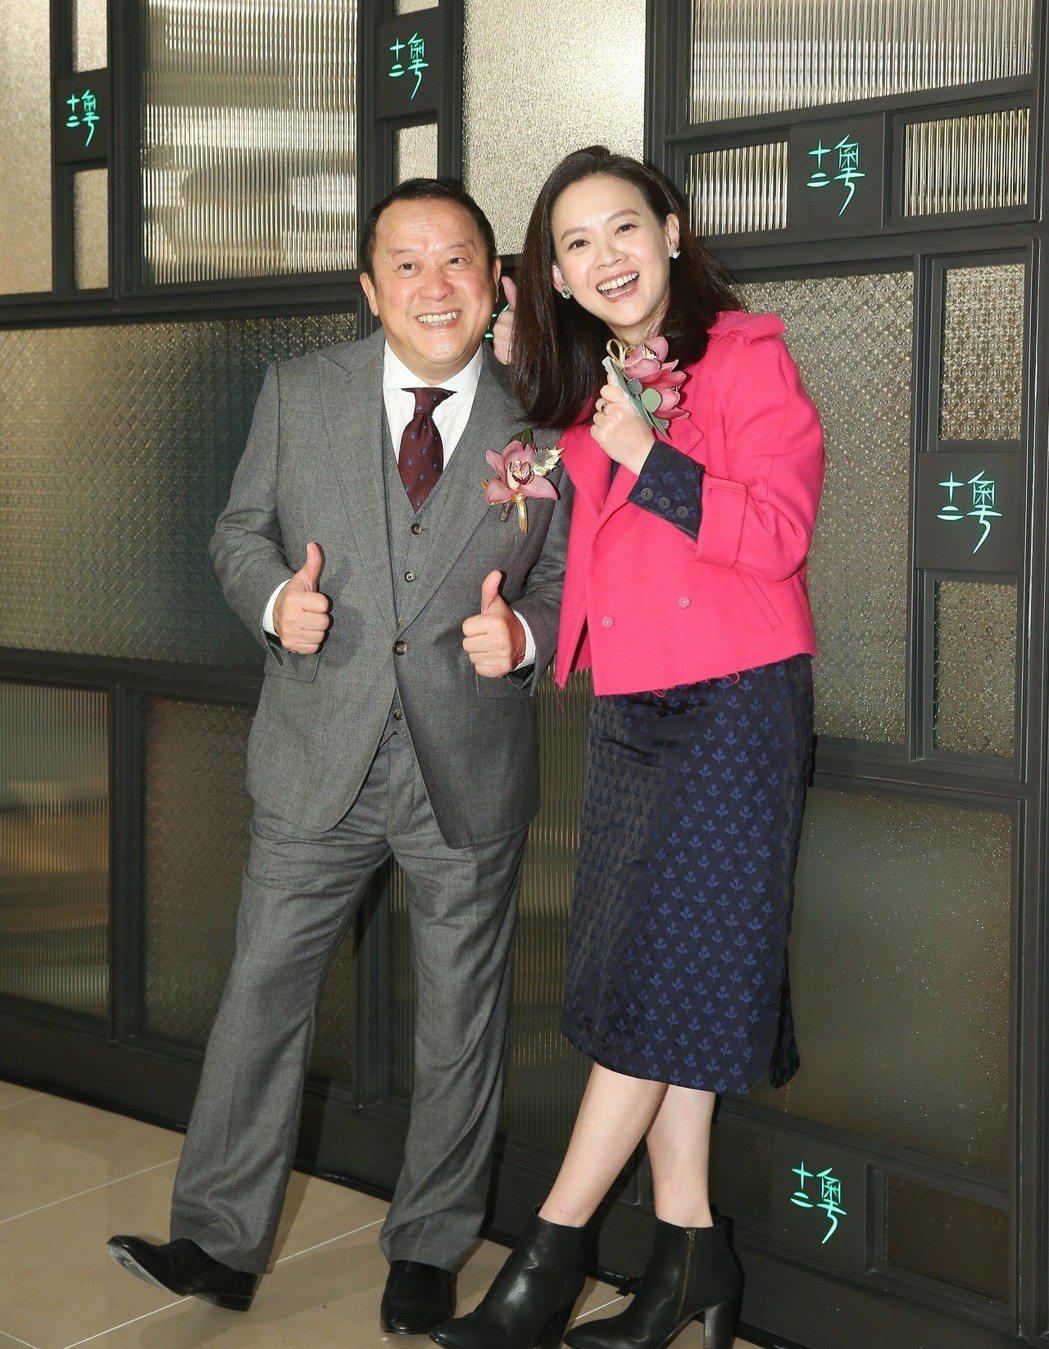 曾志偉(左)與曾寶儀(右)出席十二粵餐廳開幕記者會。記者余承翰/攝影